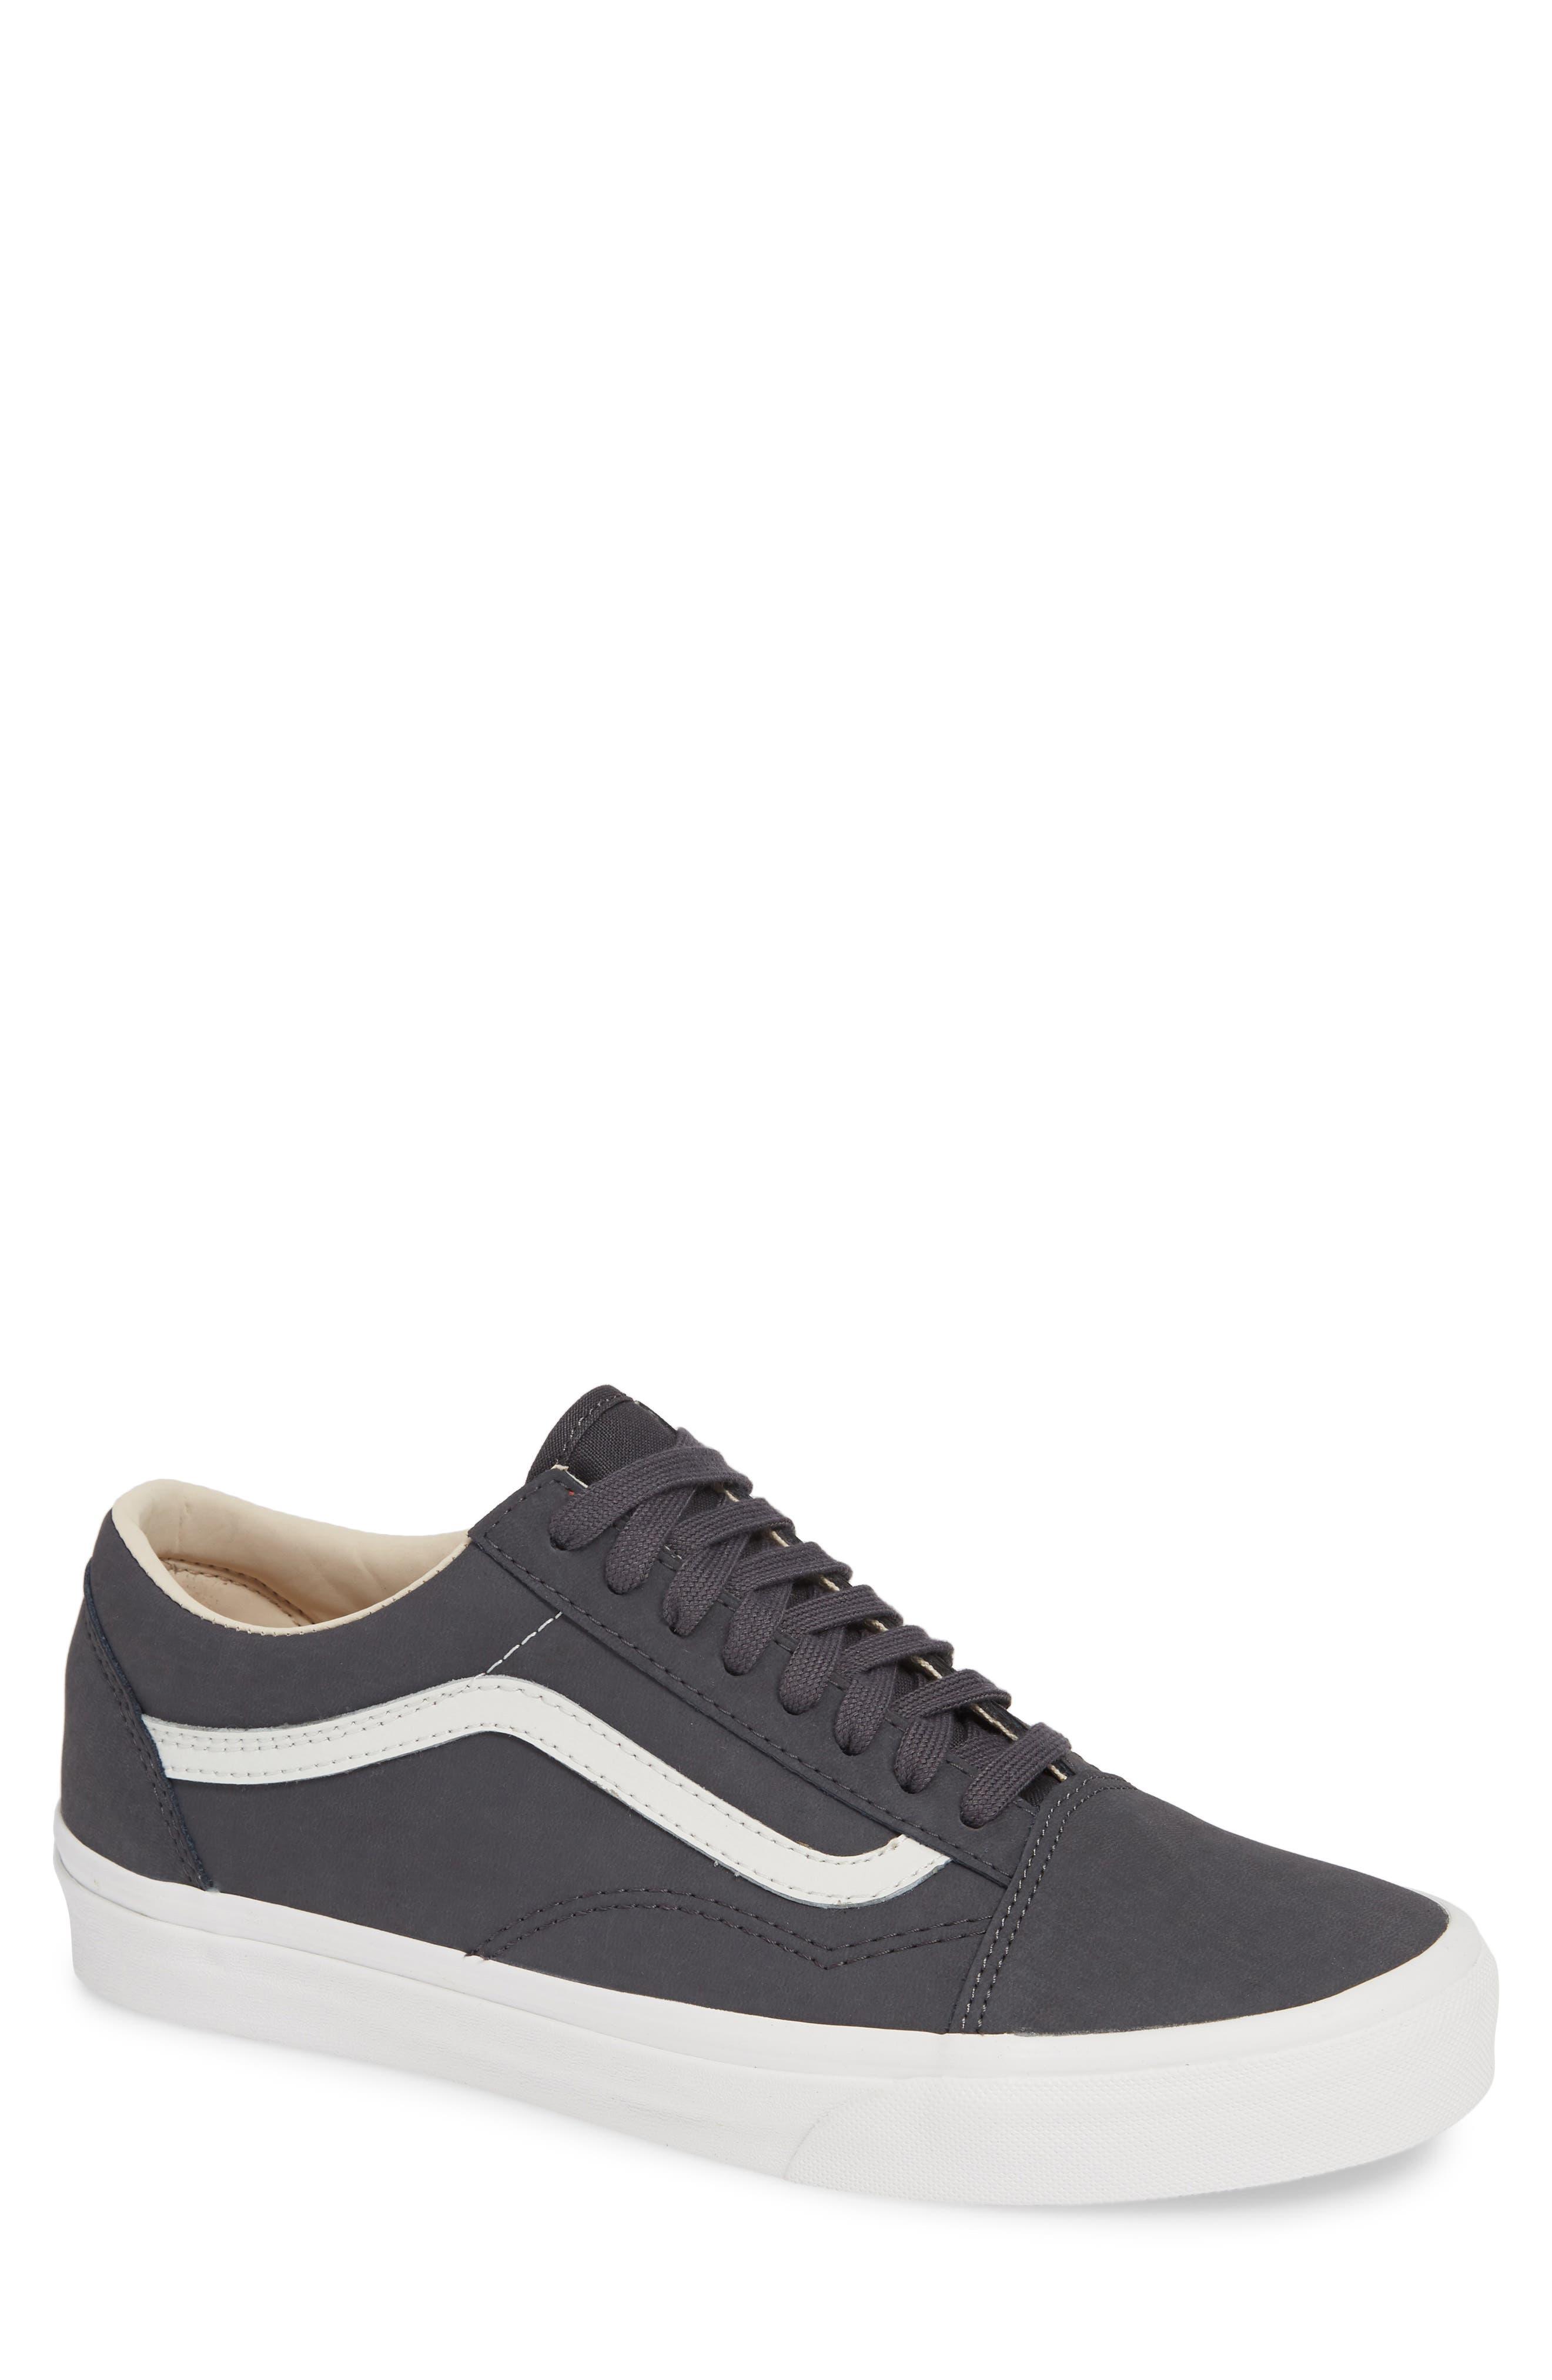 Buck Old Skool Sneaker,                         Main,                         color, 021